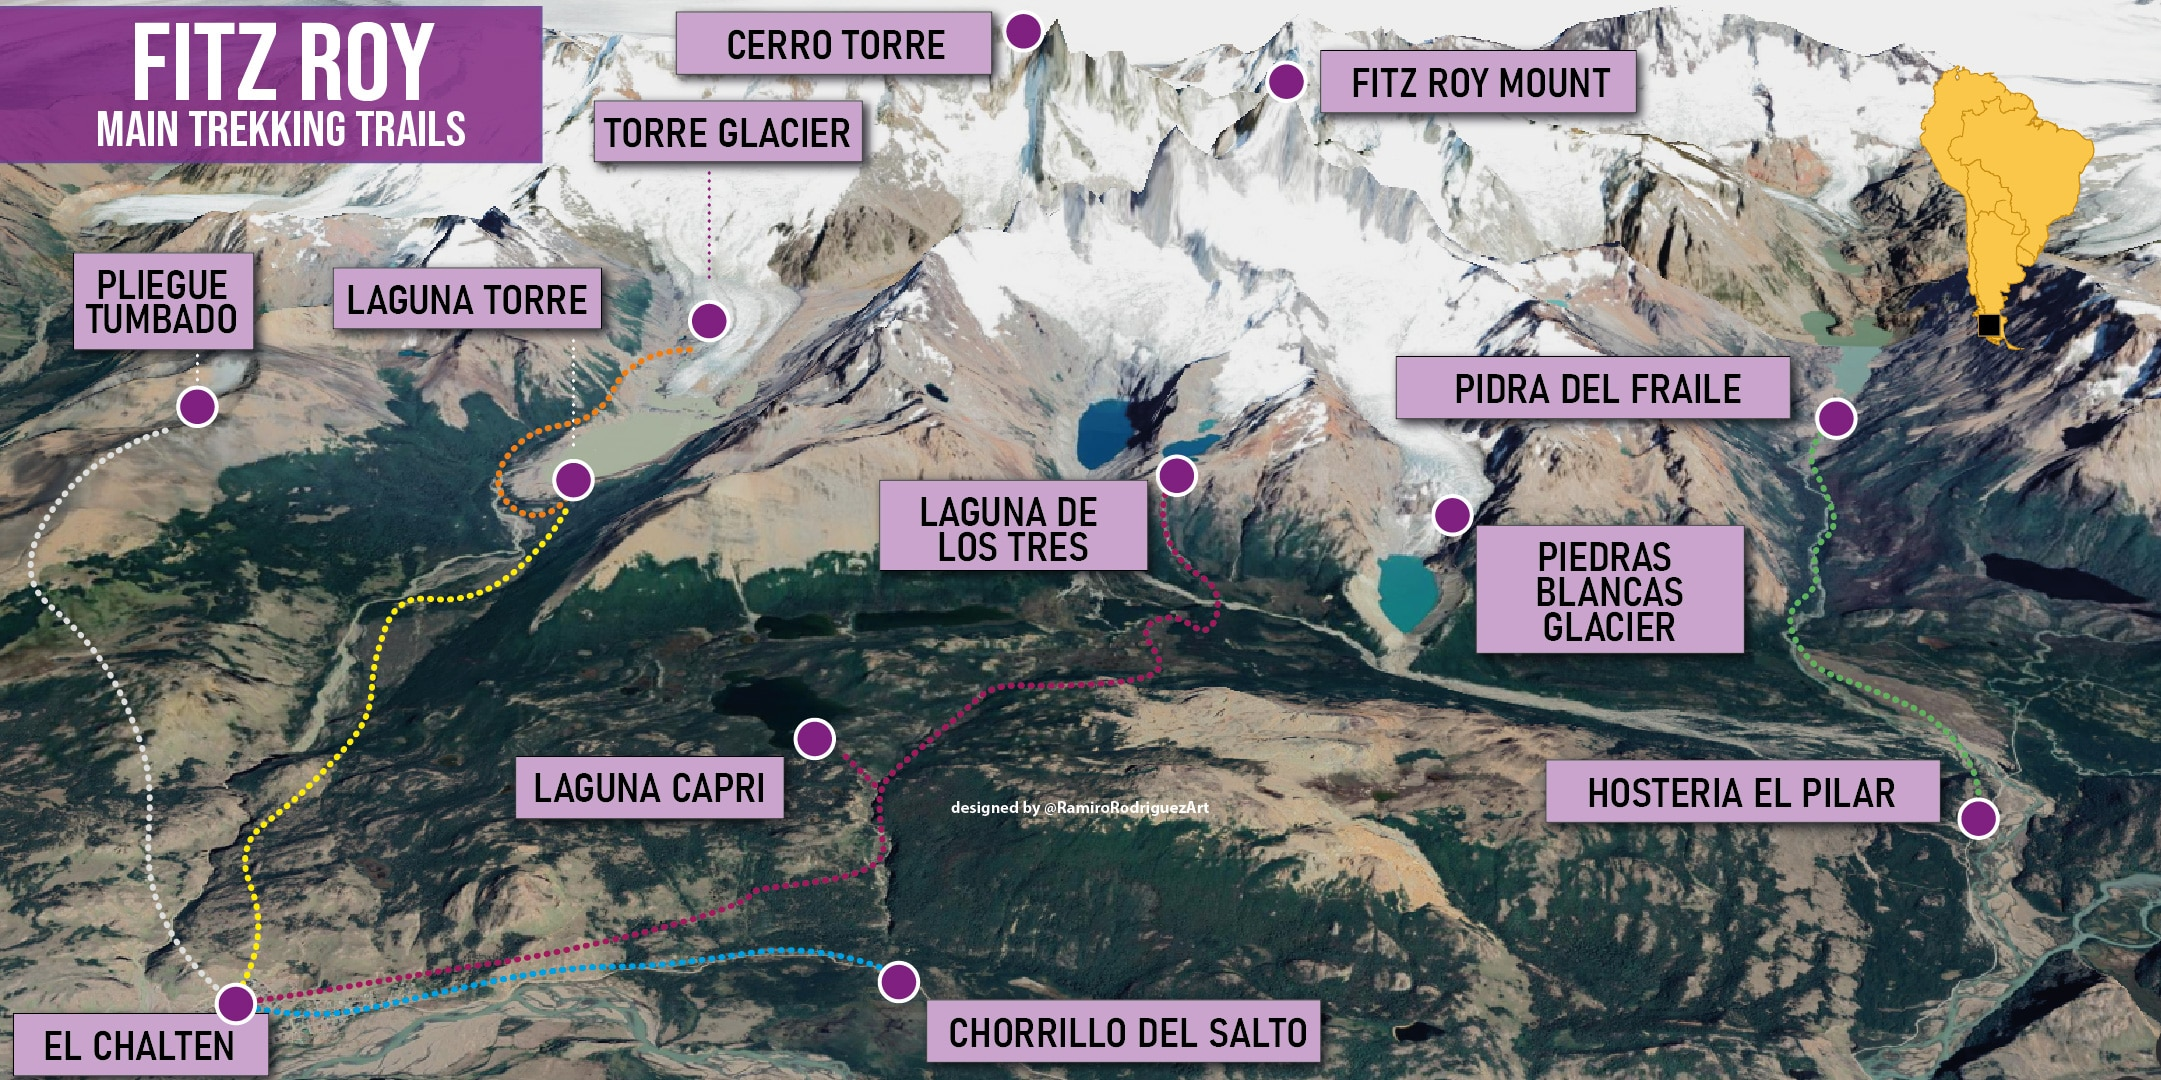 el chalten trekking trails to the Fitz Roy - Trekking trails map